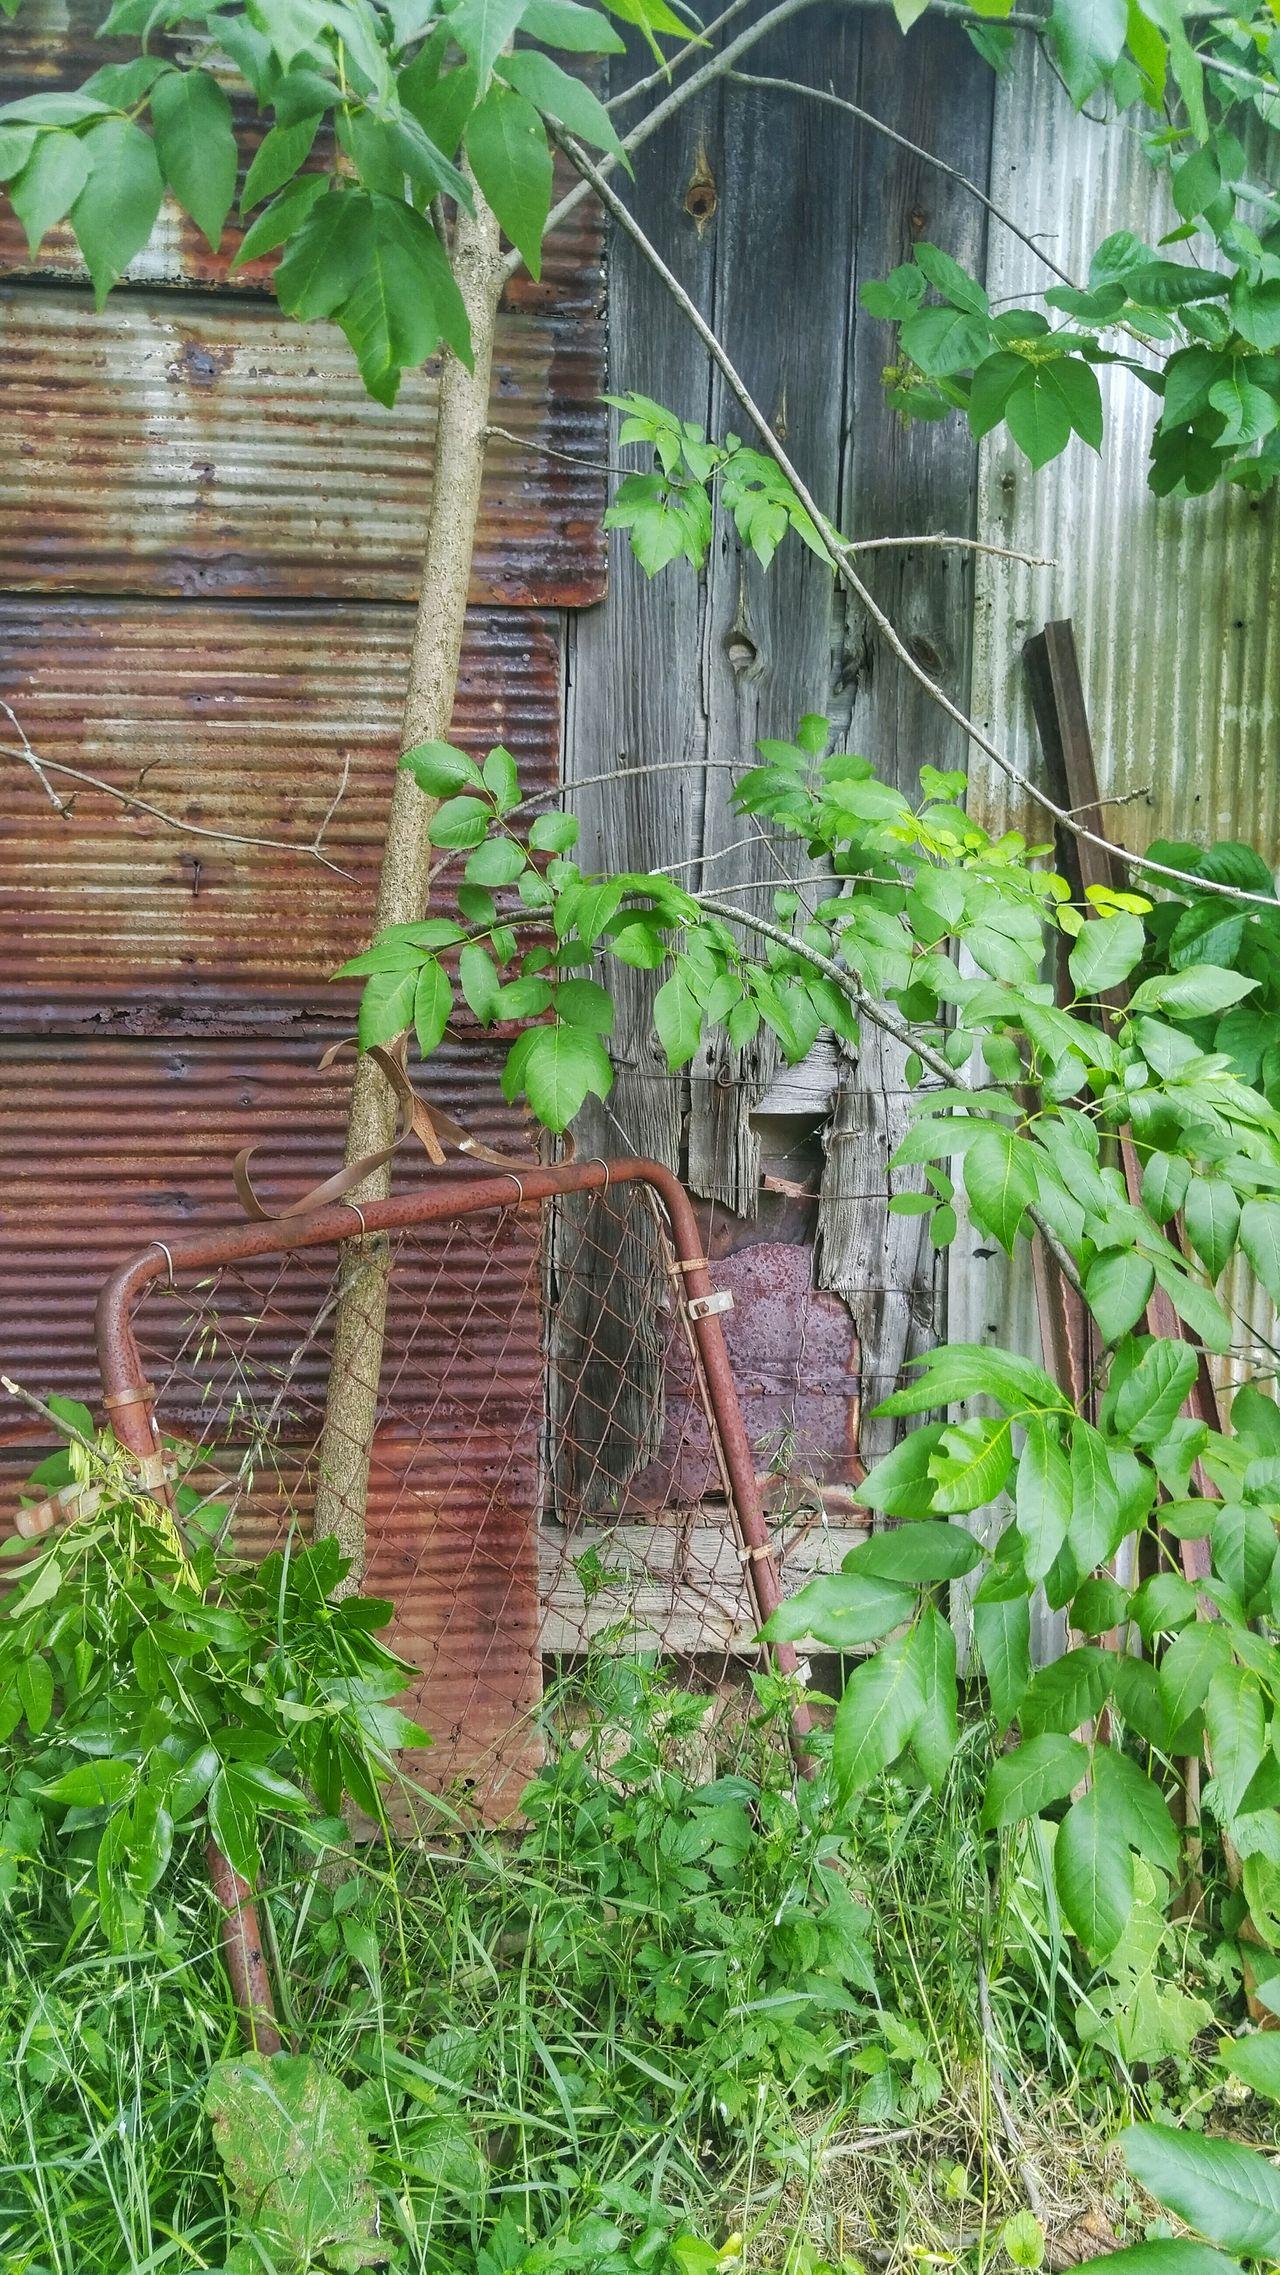 Grove City, Ohio Grove City, Oh Columbus, Ohio Columbus Ohio Barn Fence Fence Gate Rust Foliage Ivy Ivy Leaves Abandoned Abandoned Barn